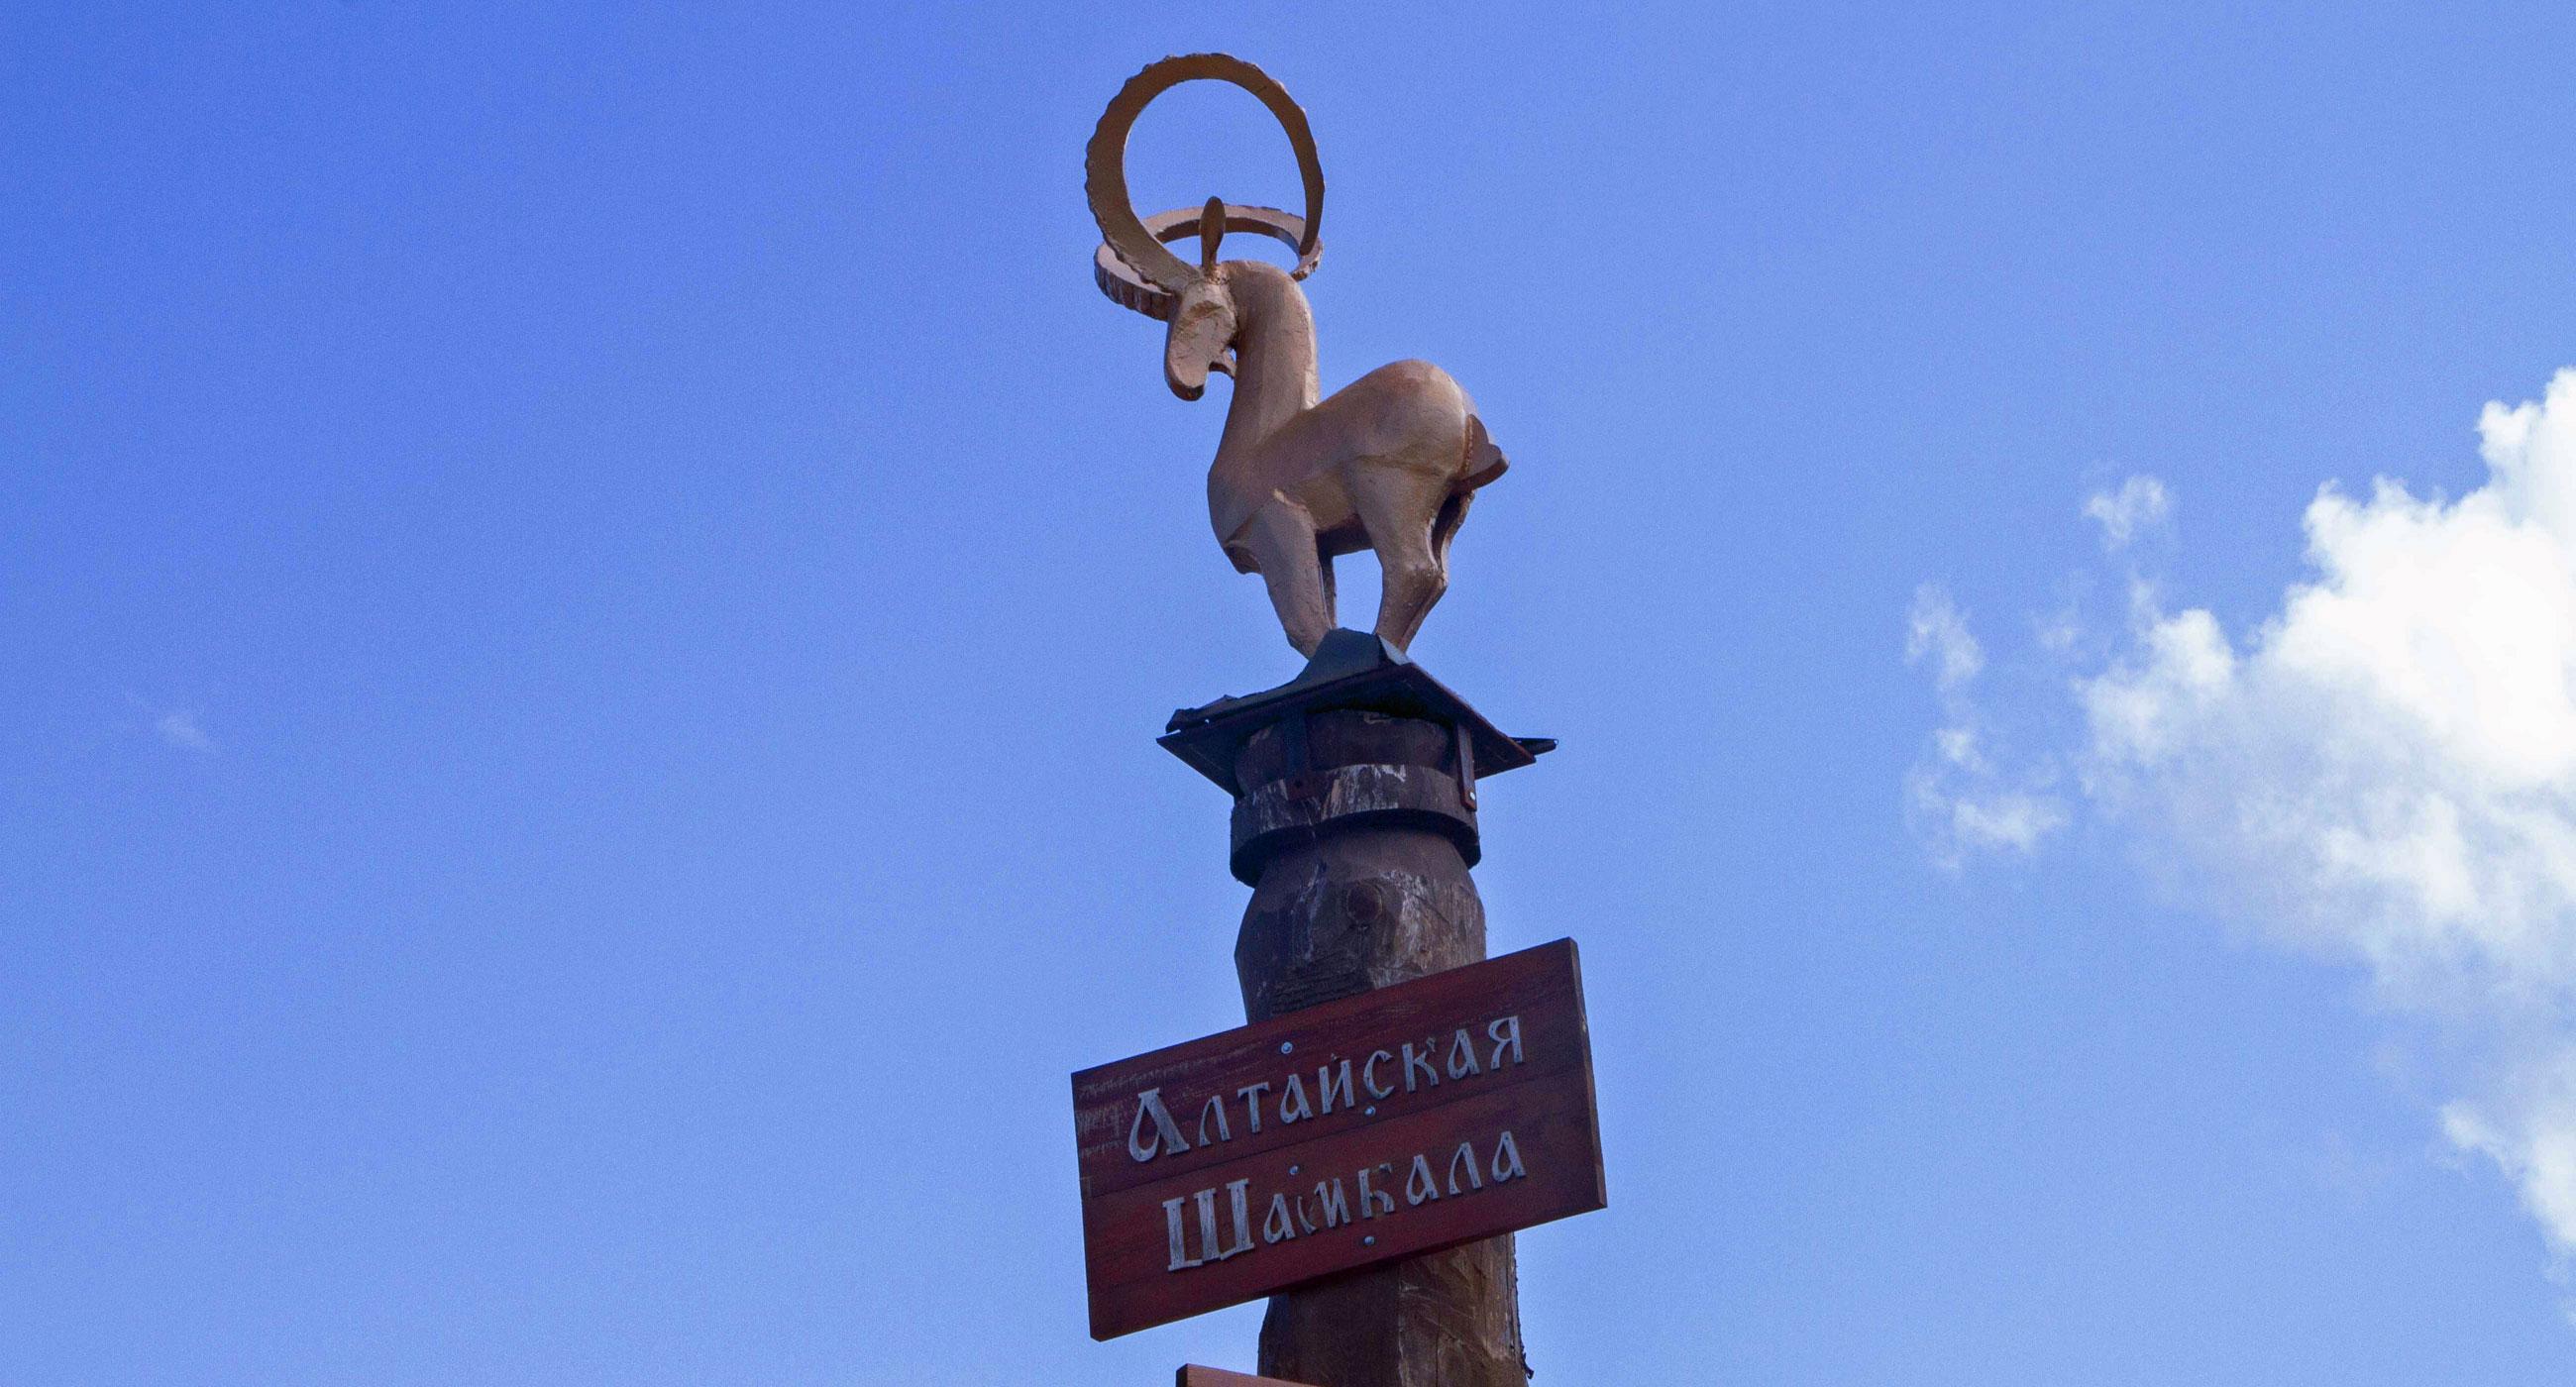 знак алтайская шамбала